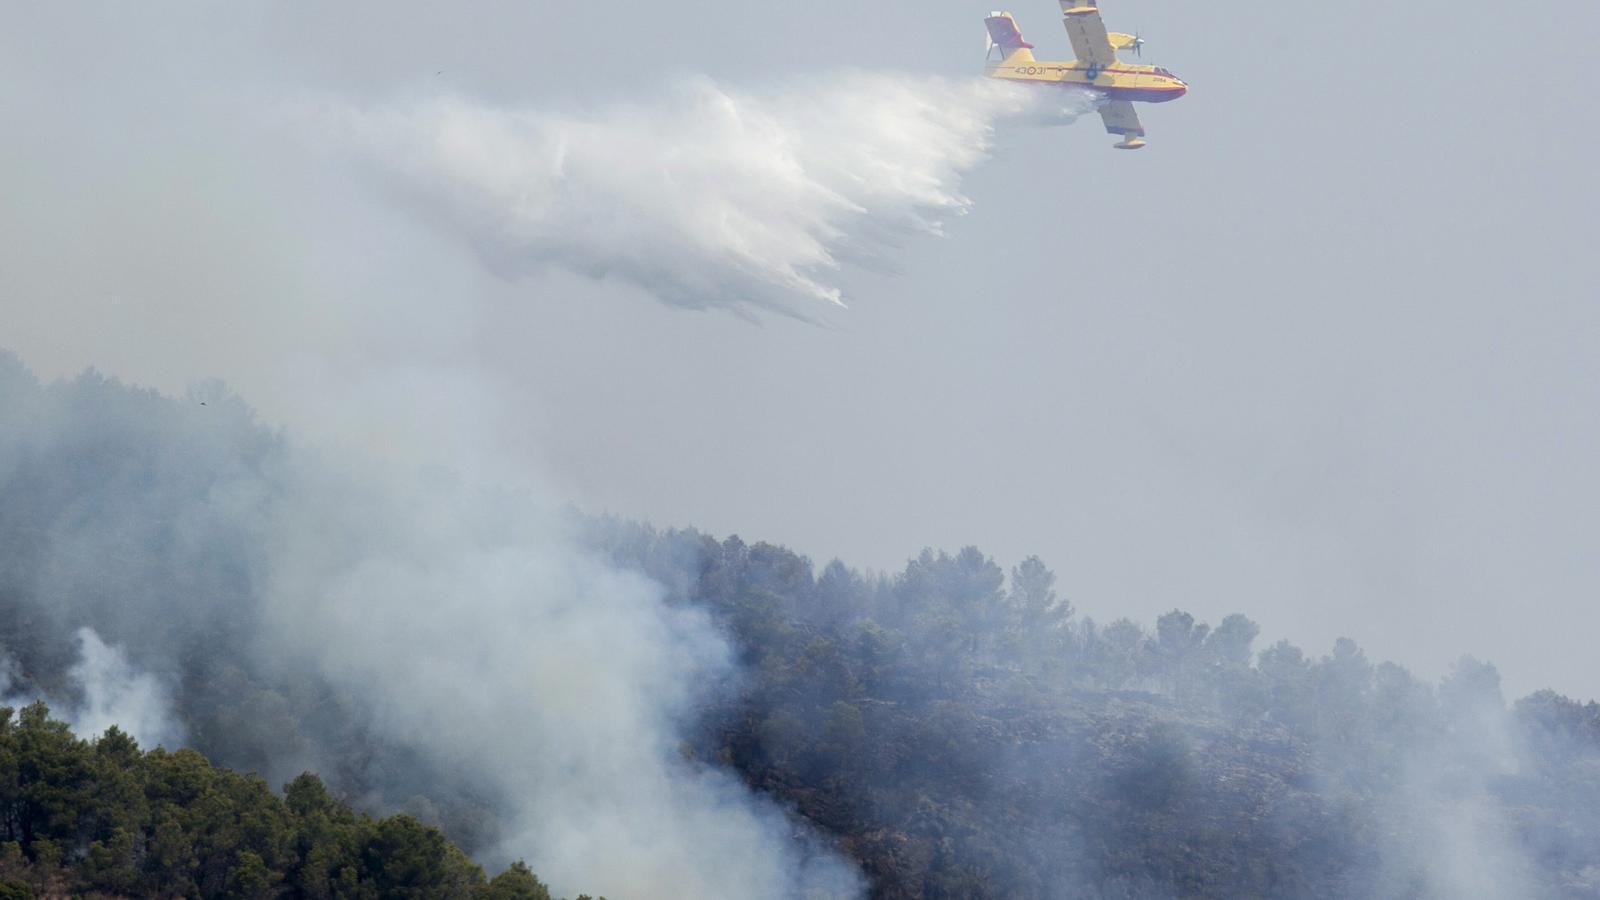 Un dels 27 mitjans aeris que treballen per sufocar l'incendi originat al terme castellonenc d'Artana, realitza una descàrrega a prop del parc natural de la serra d'Espadà.